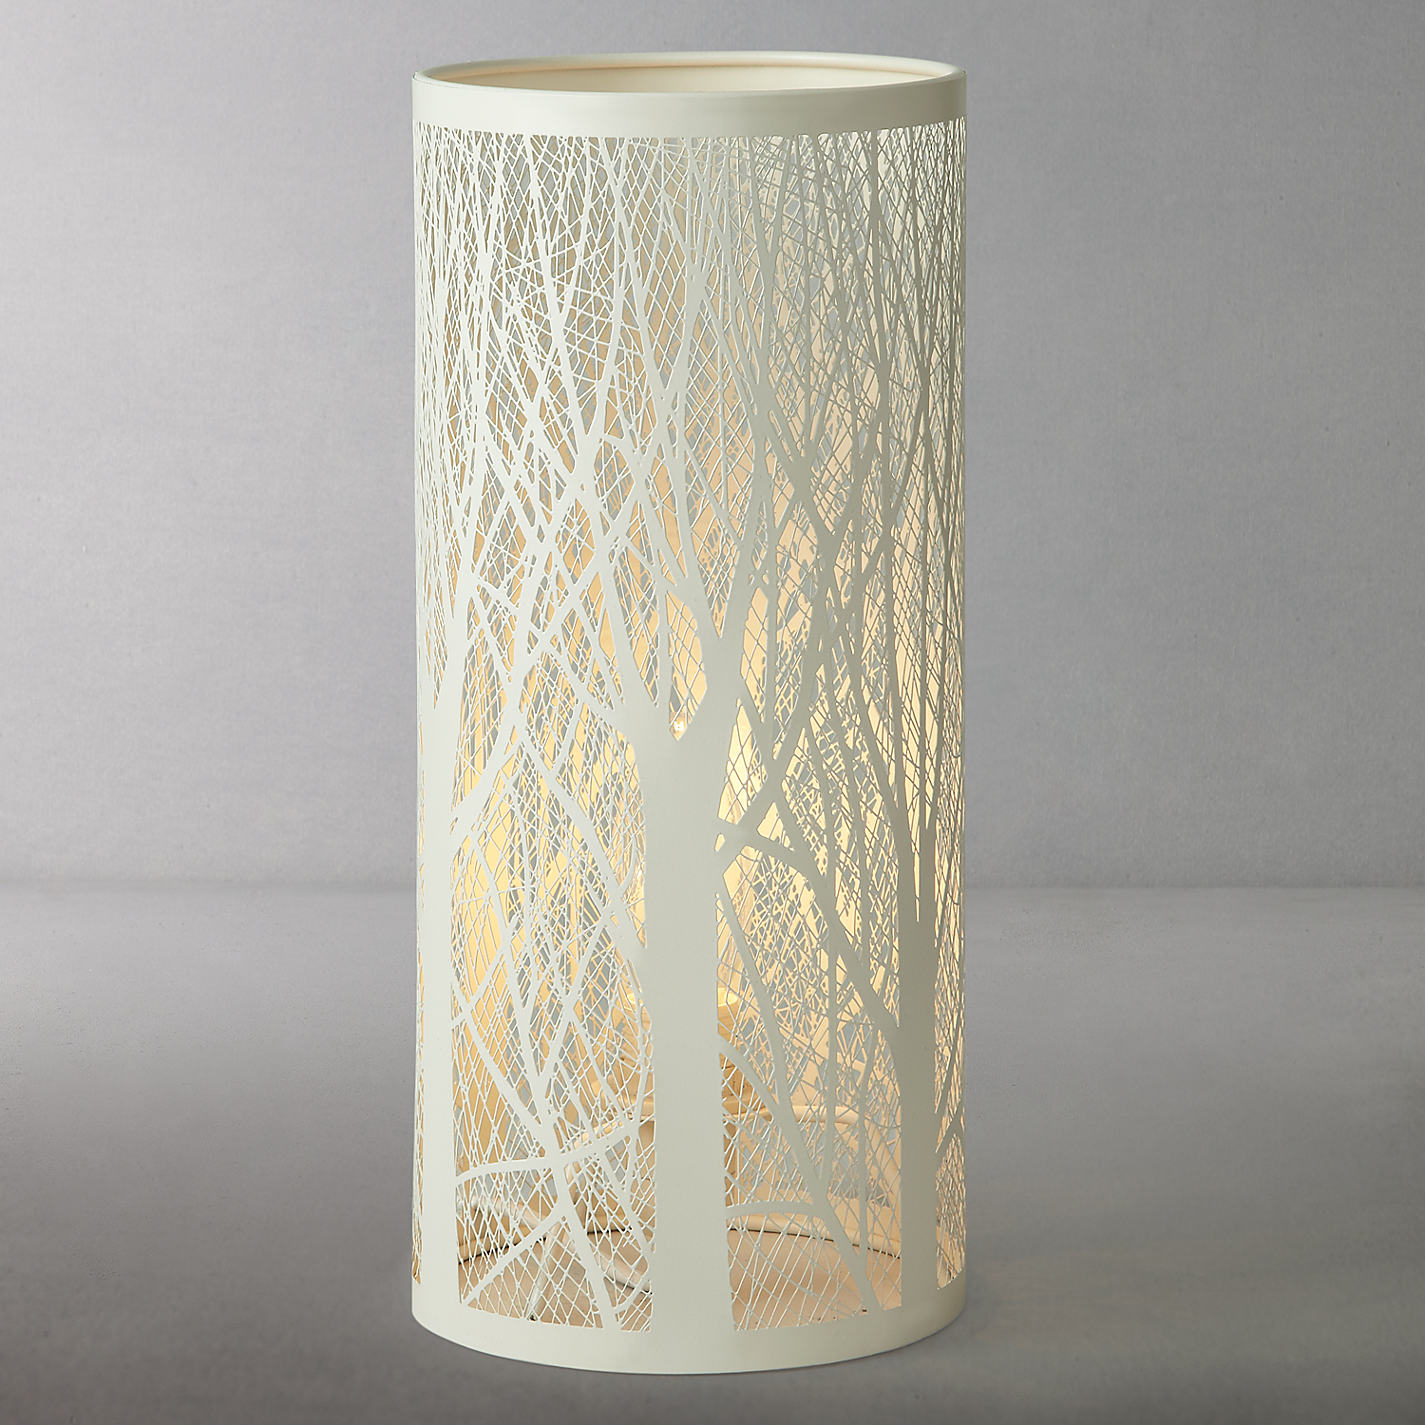 Buy john lewis devon table lamp john lewis buy john lewis devon table lamp online at johnlewis geotapseo Gallery